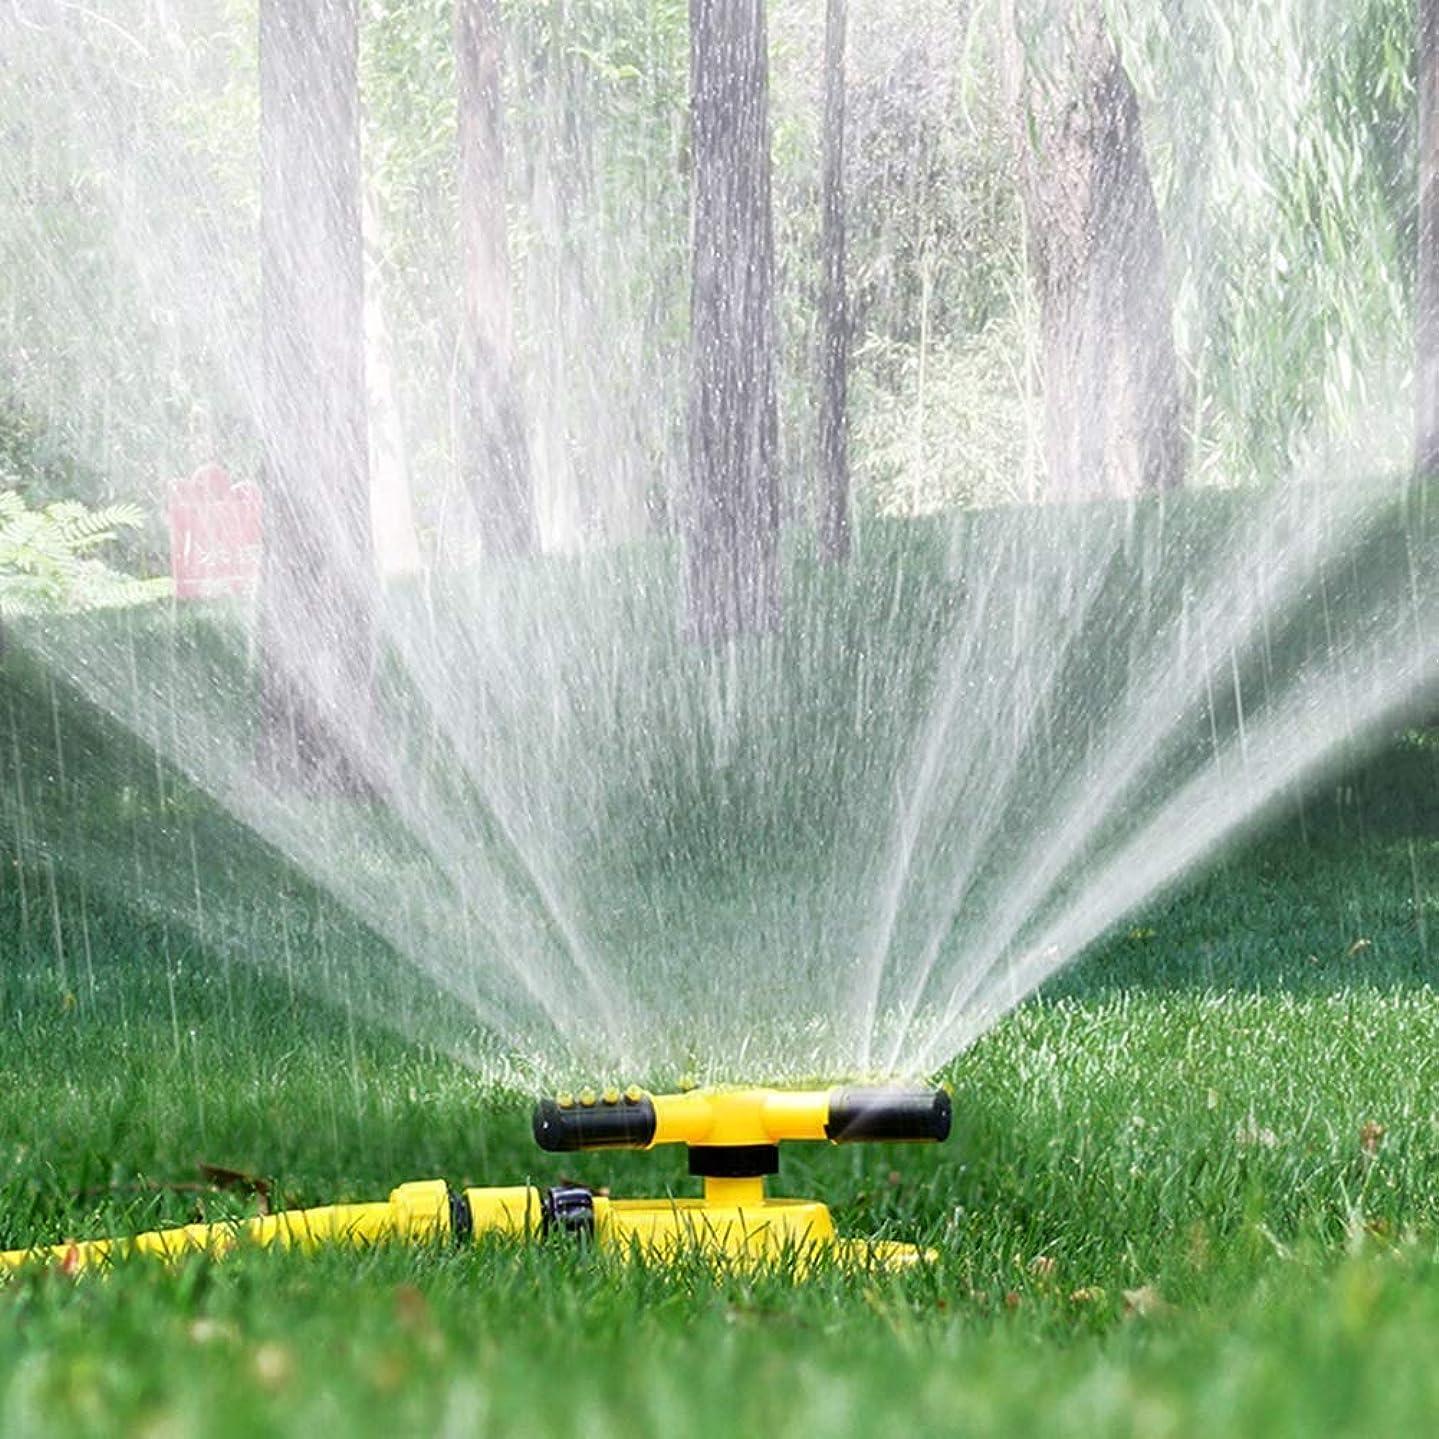 寄稿者どきどき硫黄ガーデンスプリンクラー、アップグレードローンスプリンクラー自動360°?草本散水用回転灌漑スプリンクラーシステム、黄色(サイズ:1/2